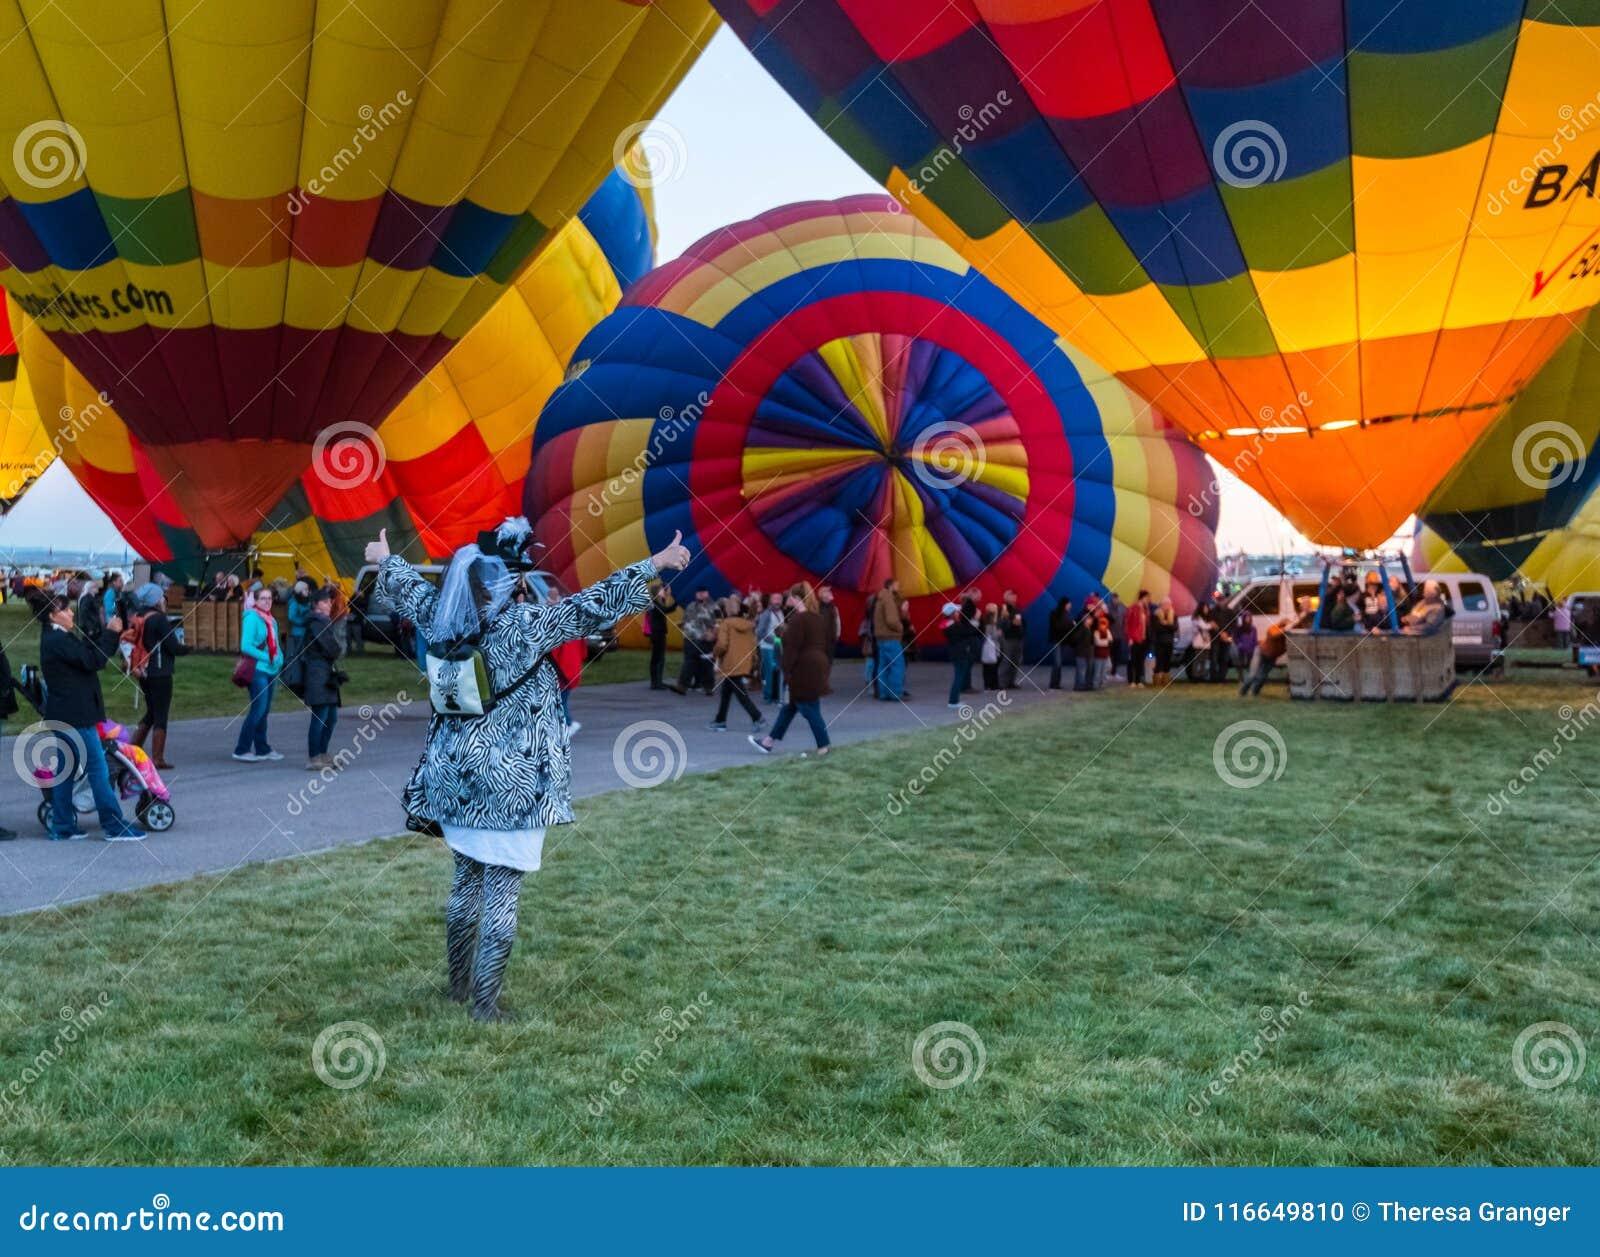 Oktober, 2017 Albuquerque, New Mexico; De Internationale Fiesta van de Hete Luchtballon